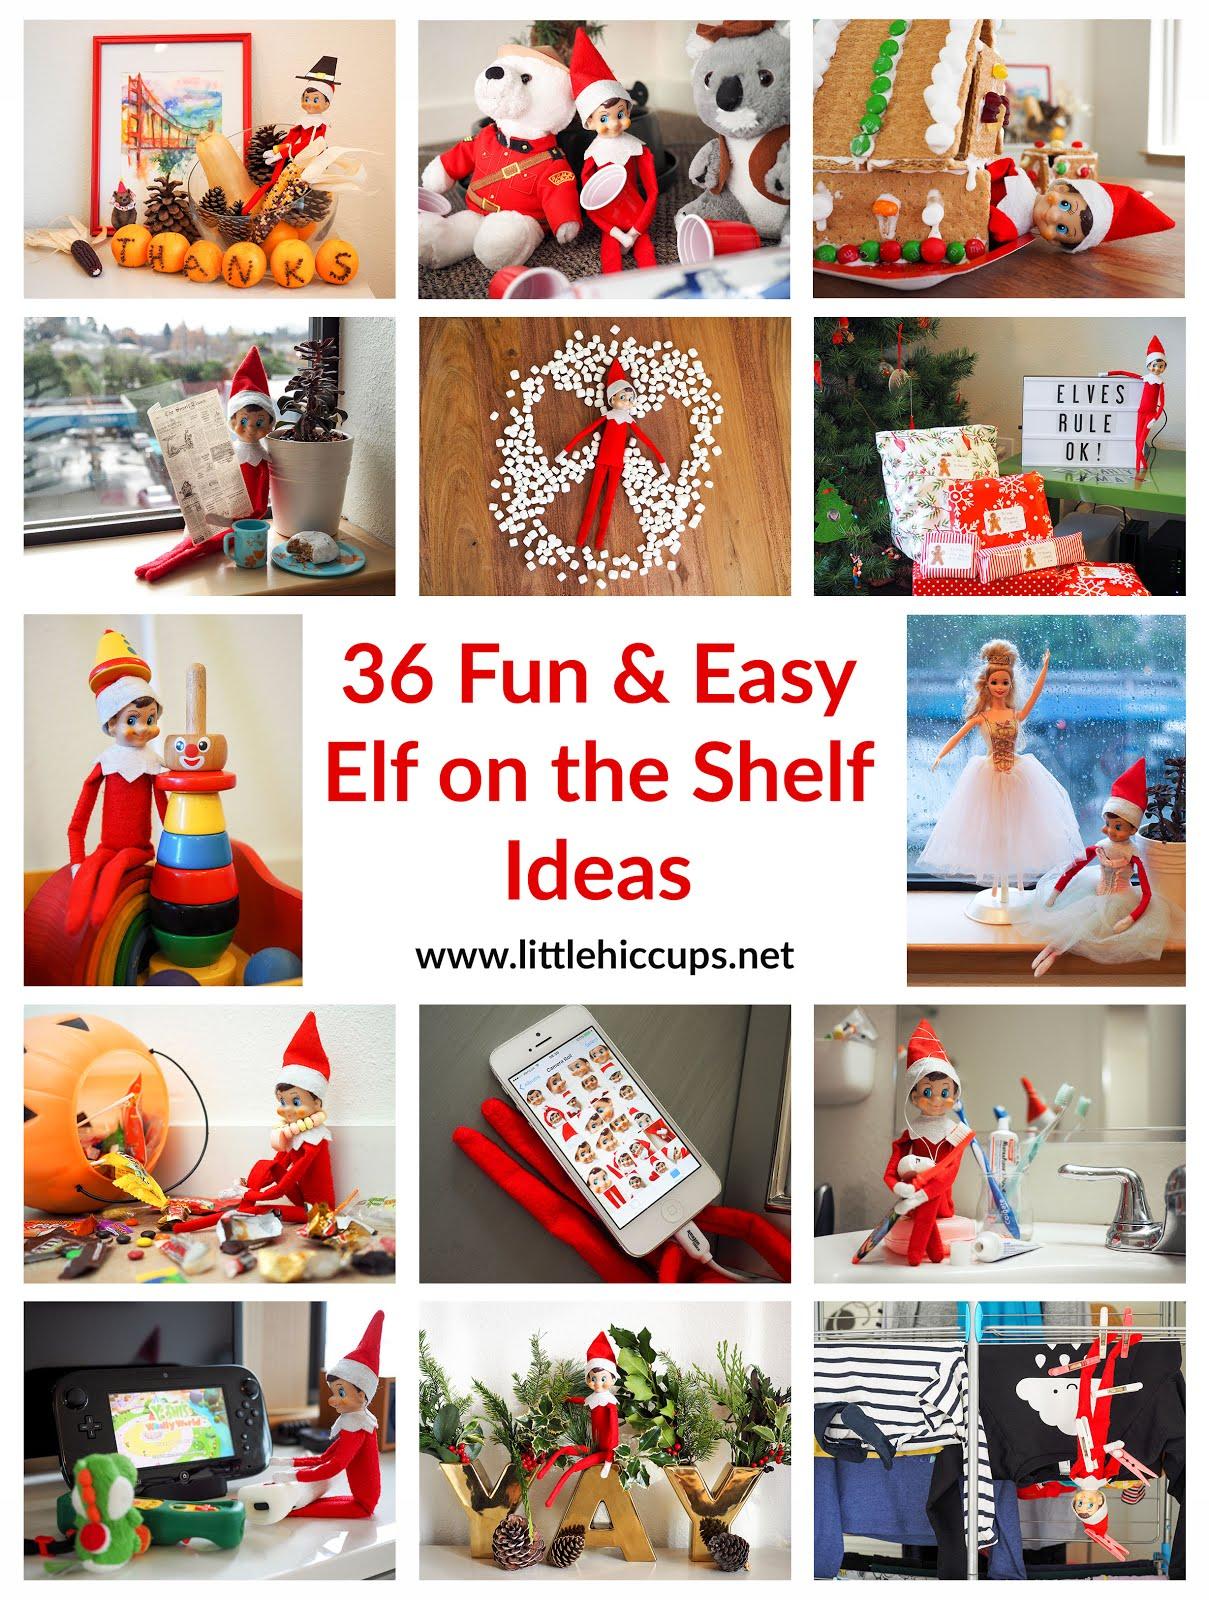 36 Fun & Easy Elf on the Shelf Ideas